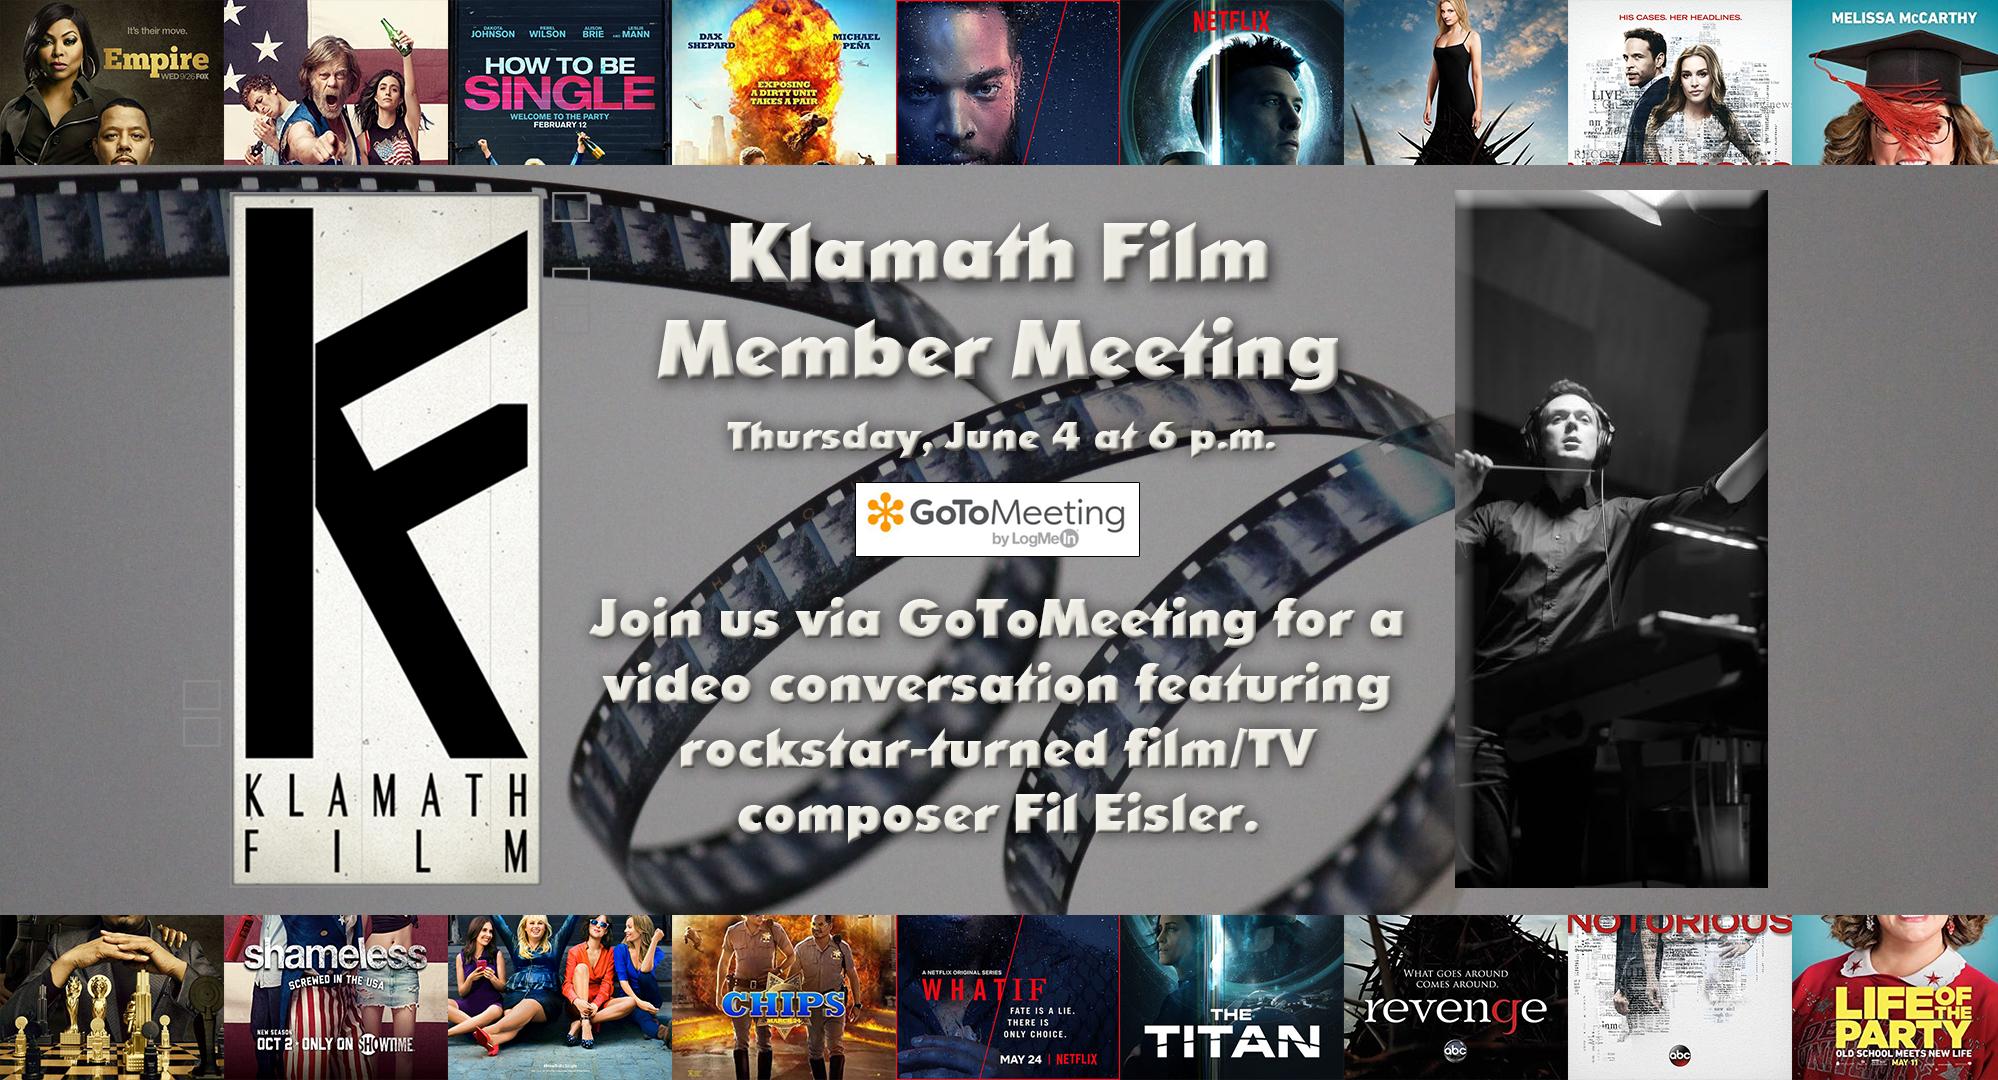 June Member Meeting to feature film composer Fil Eisler